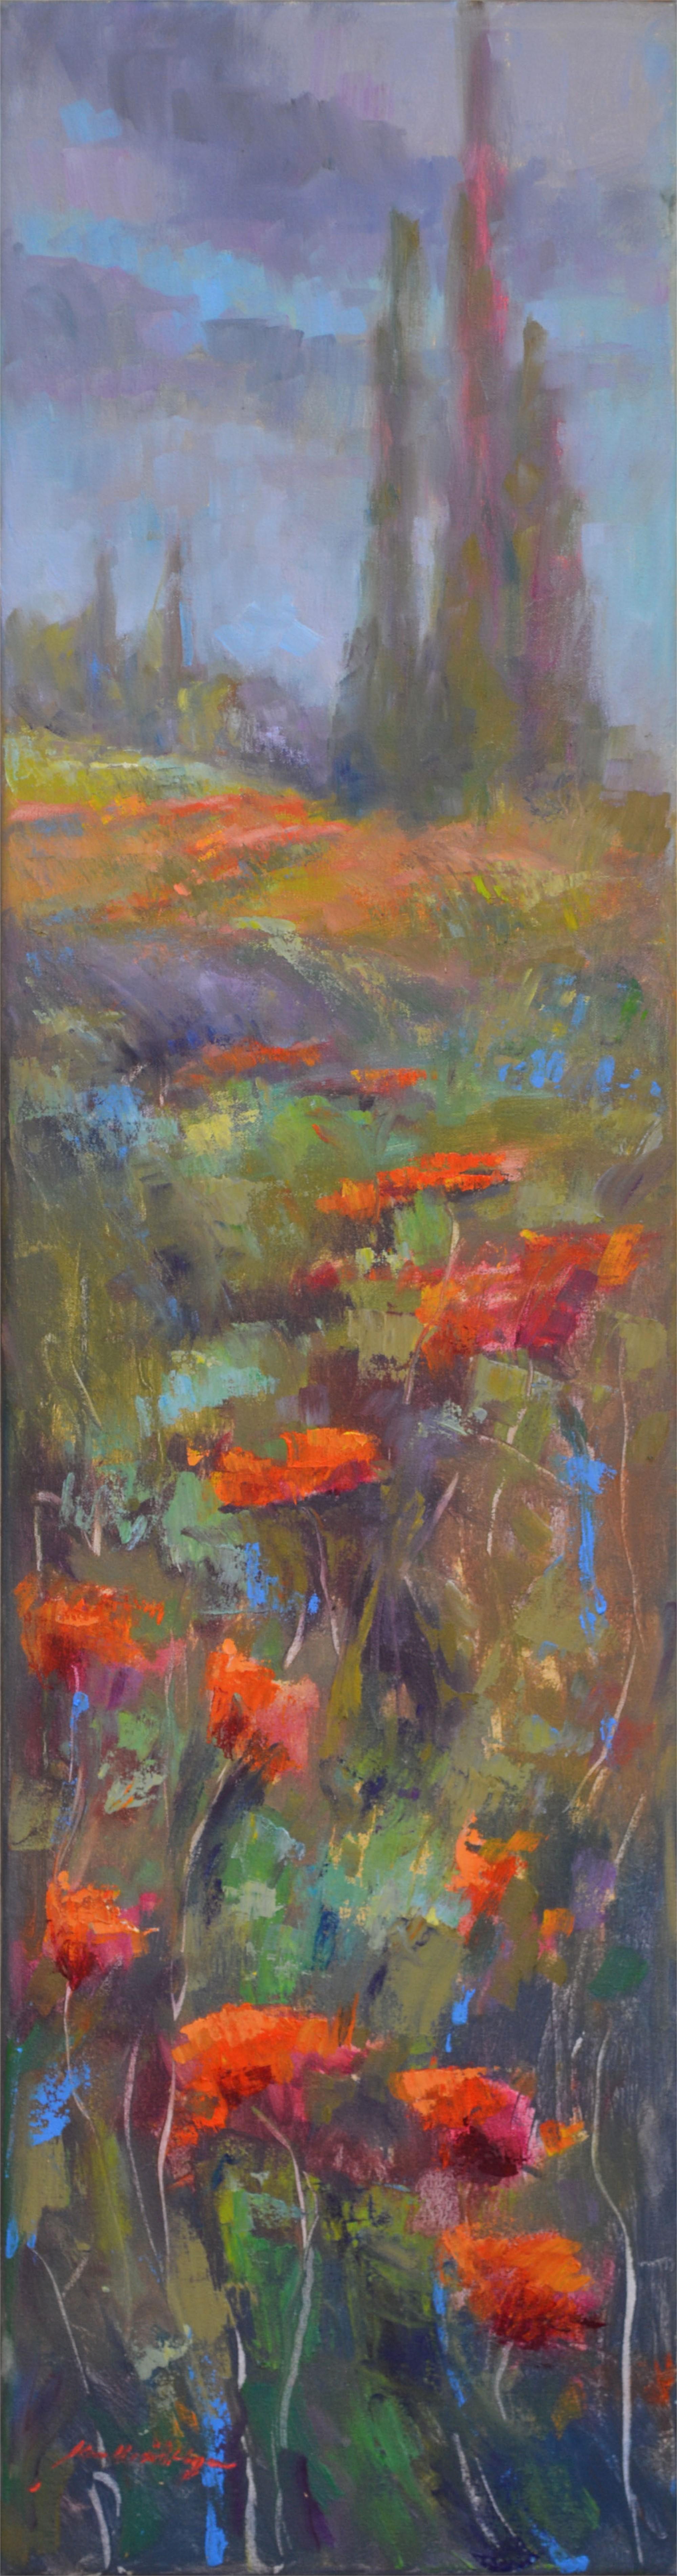 Endless Poppies by Karen Hewitt Hagan